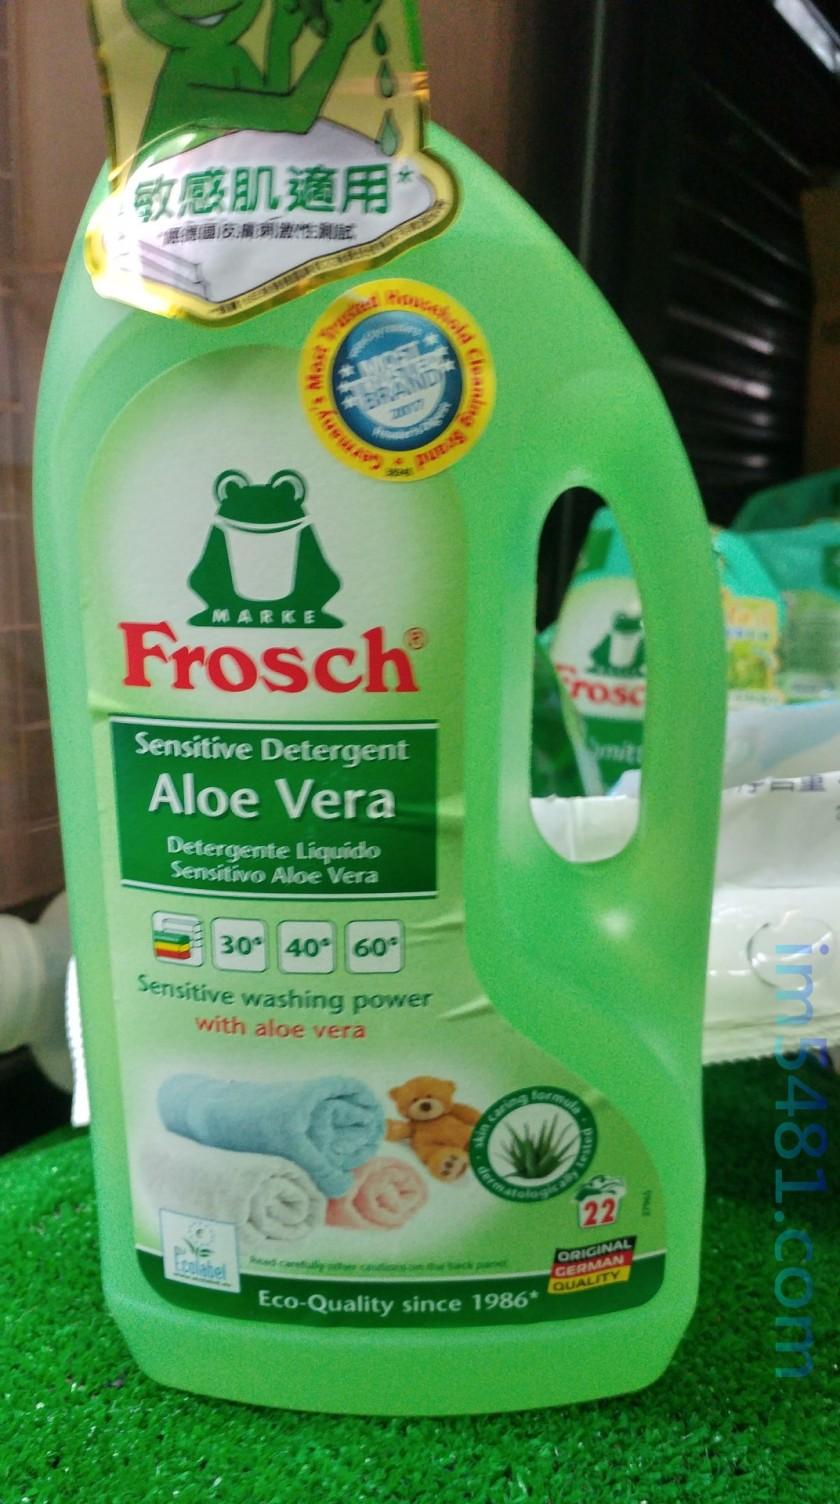 Frosch天然護膚洗衣精